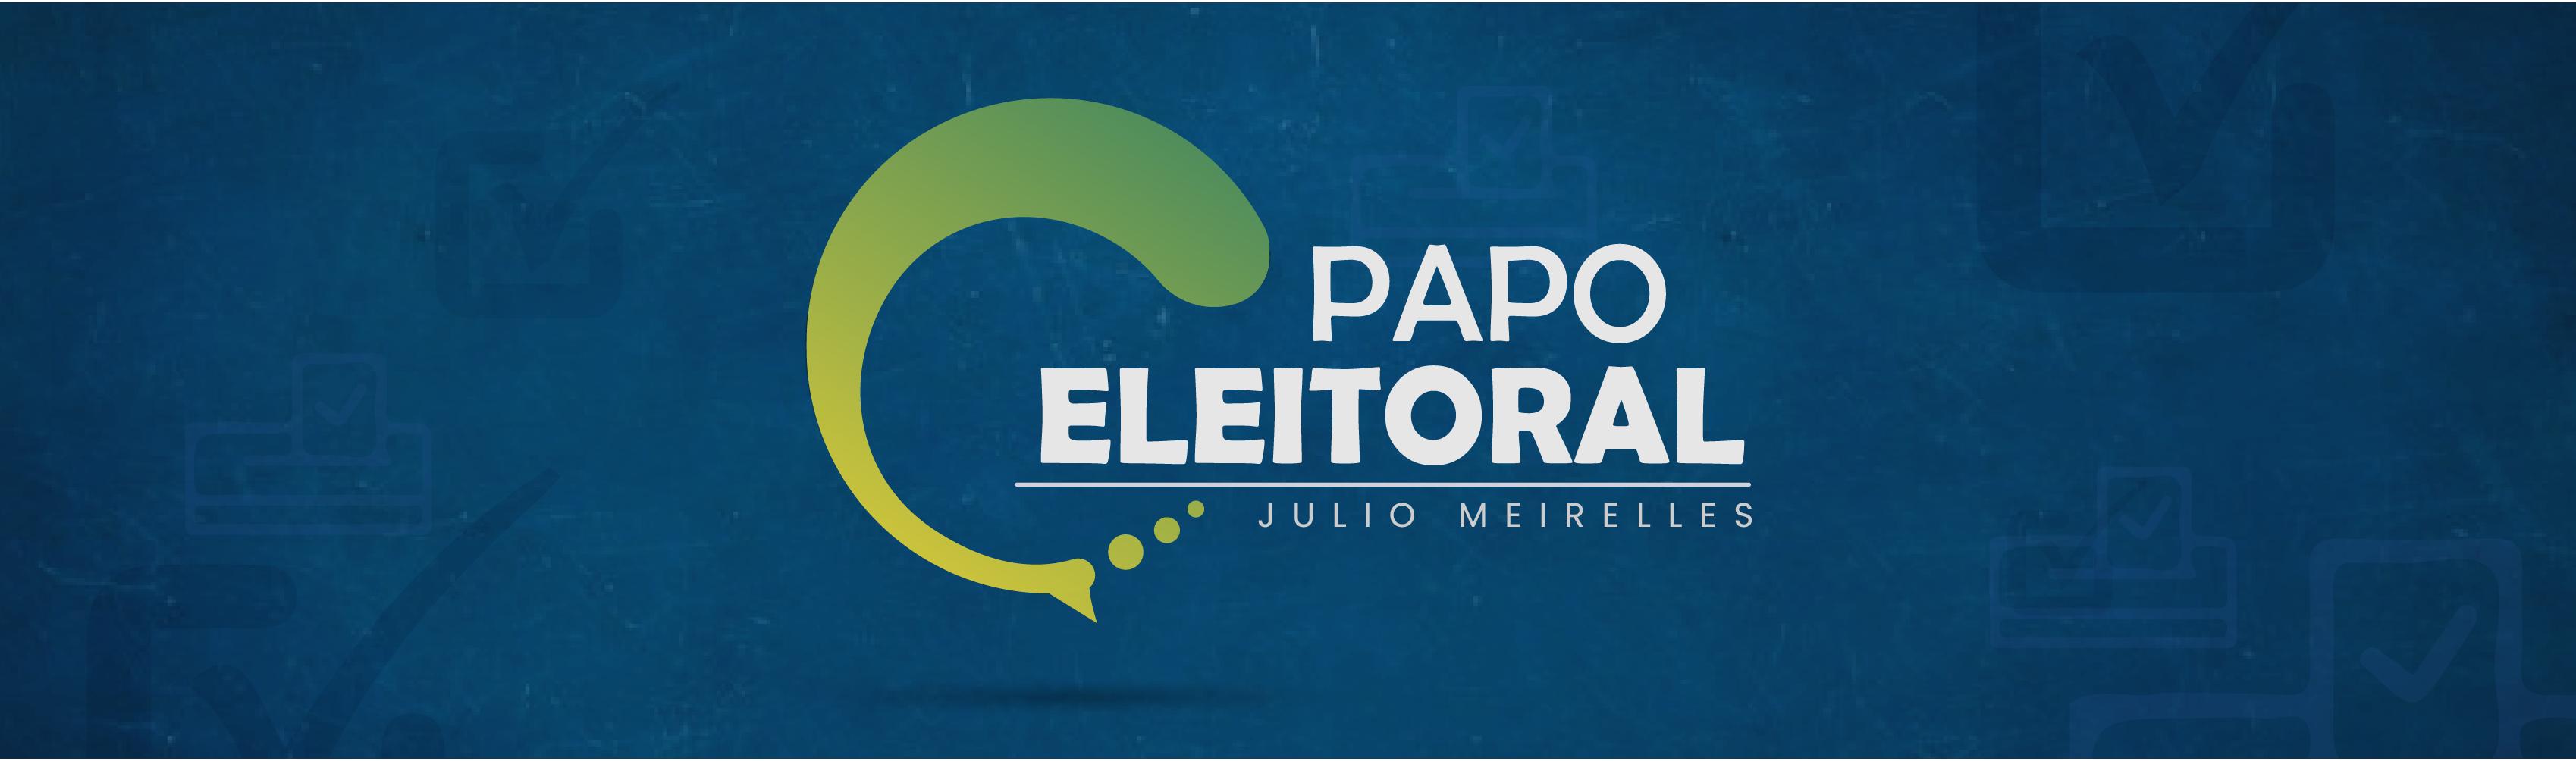 Papo Eleitoral